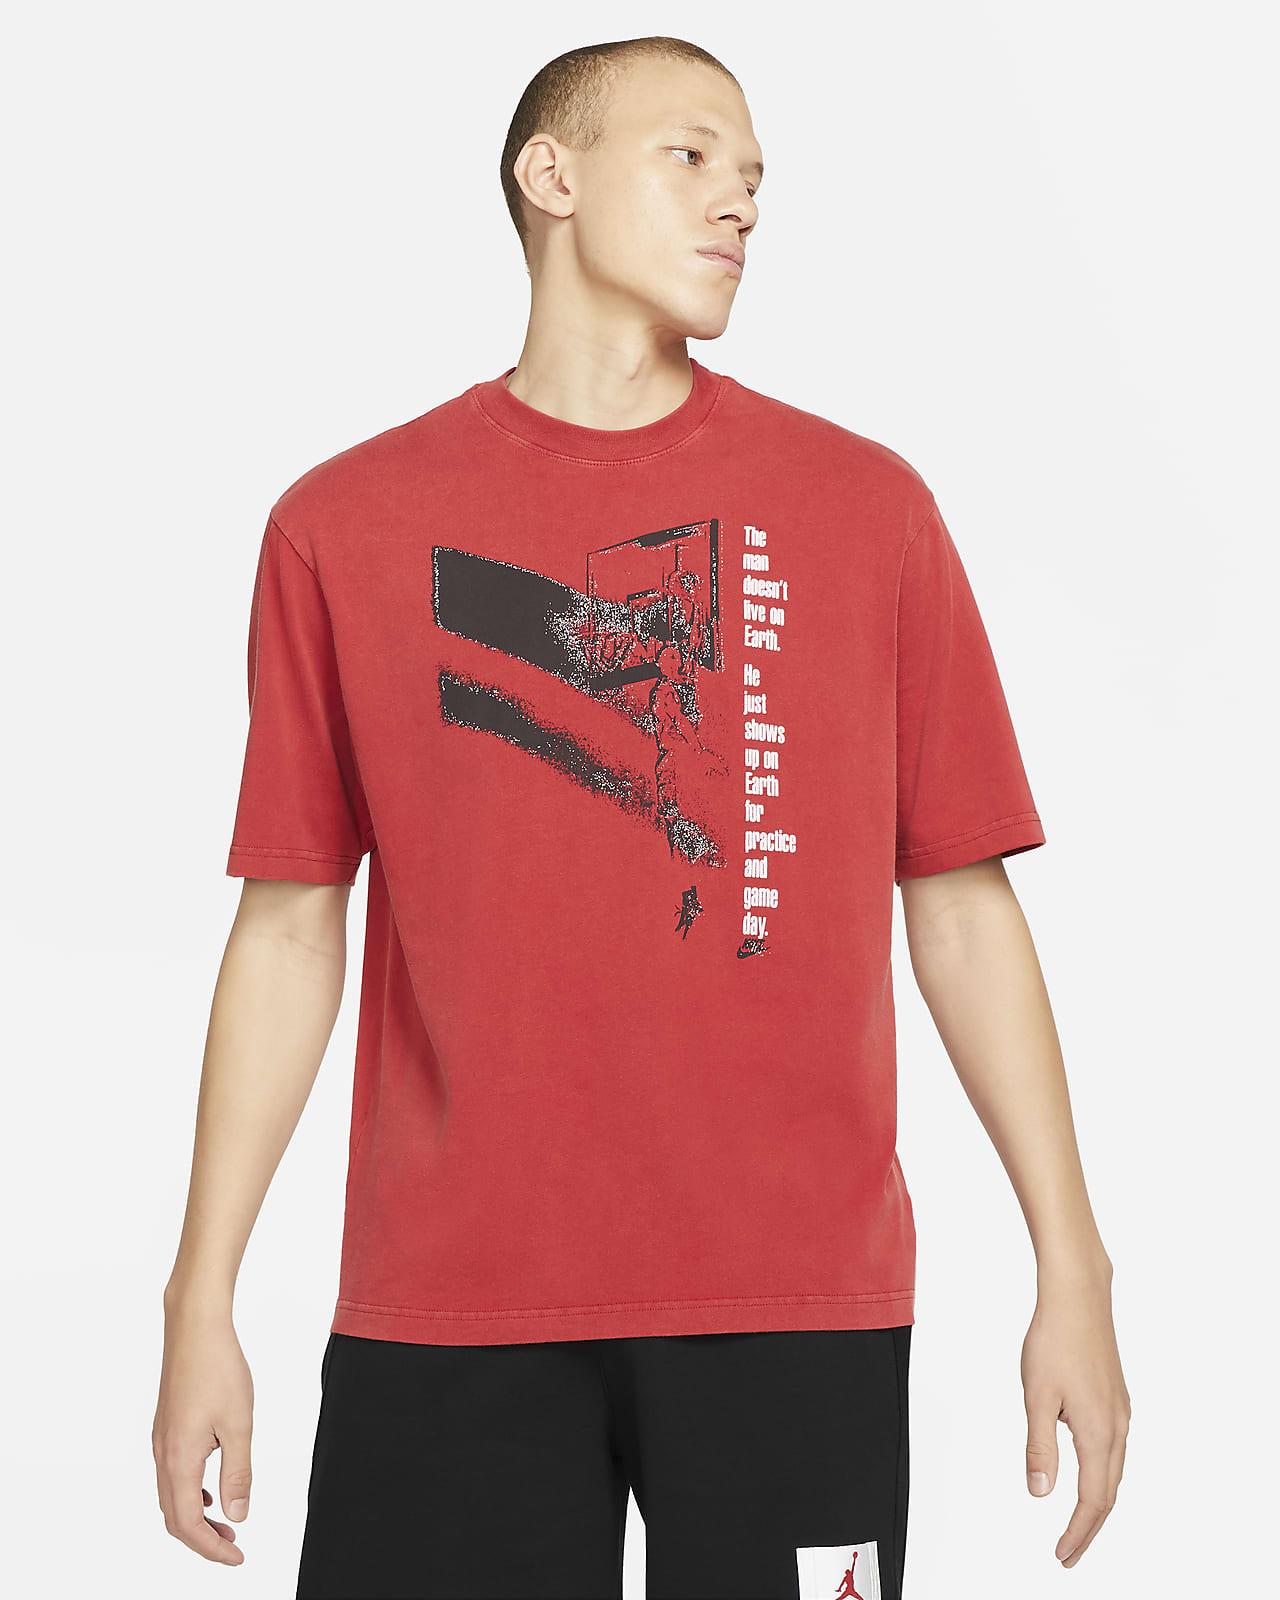 flight t shirt met korte mouwen en graphic voor